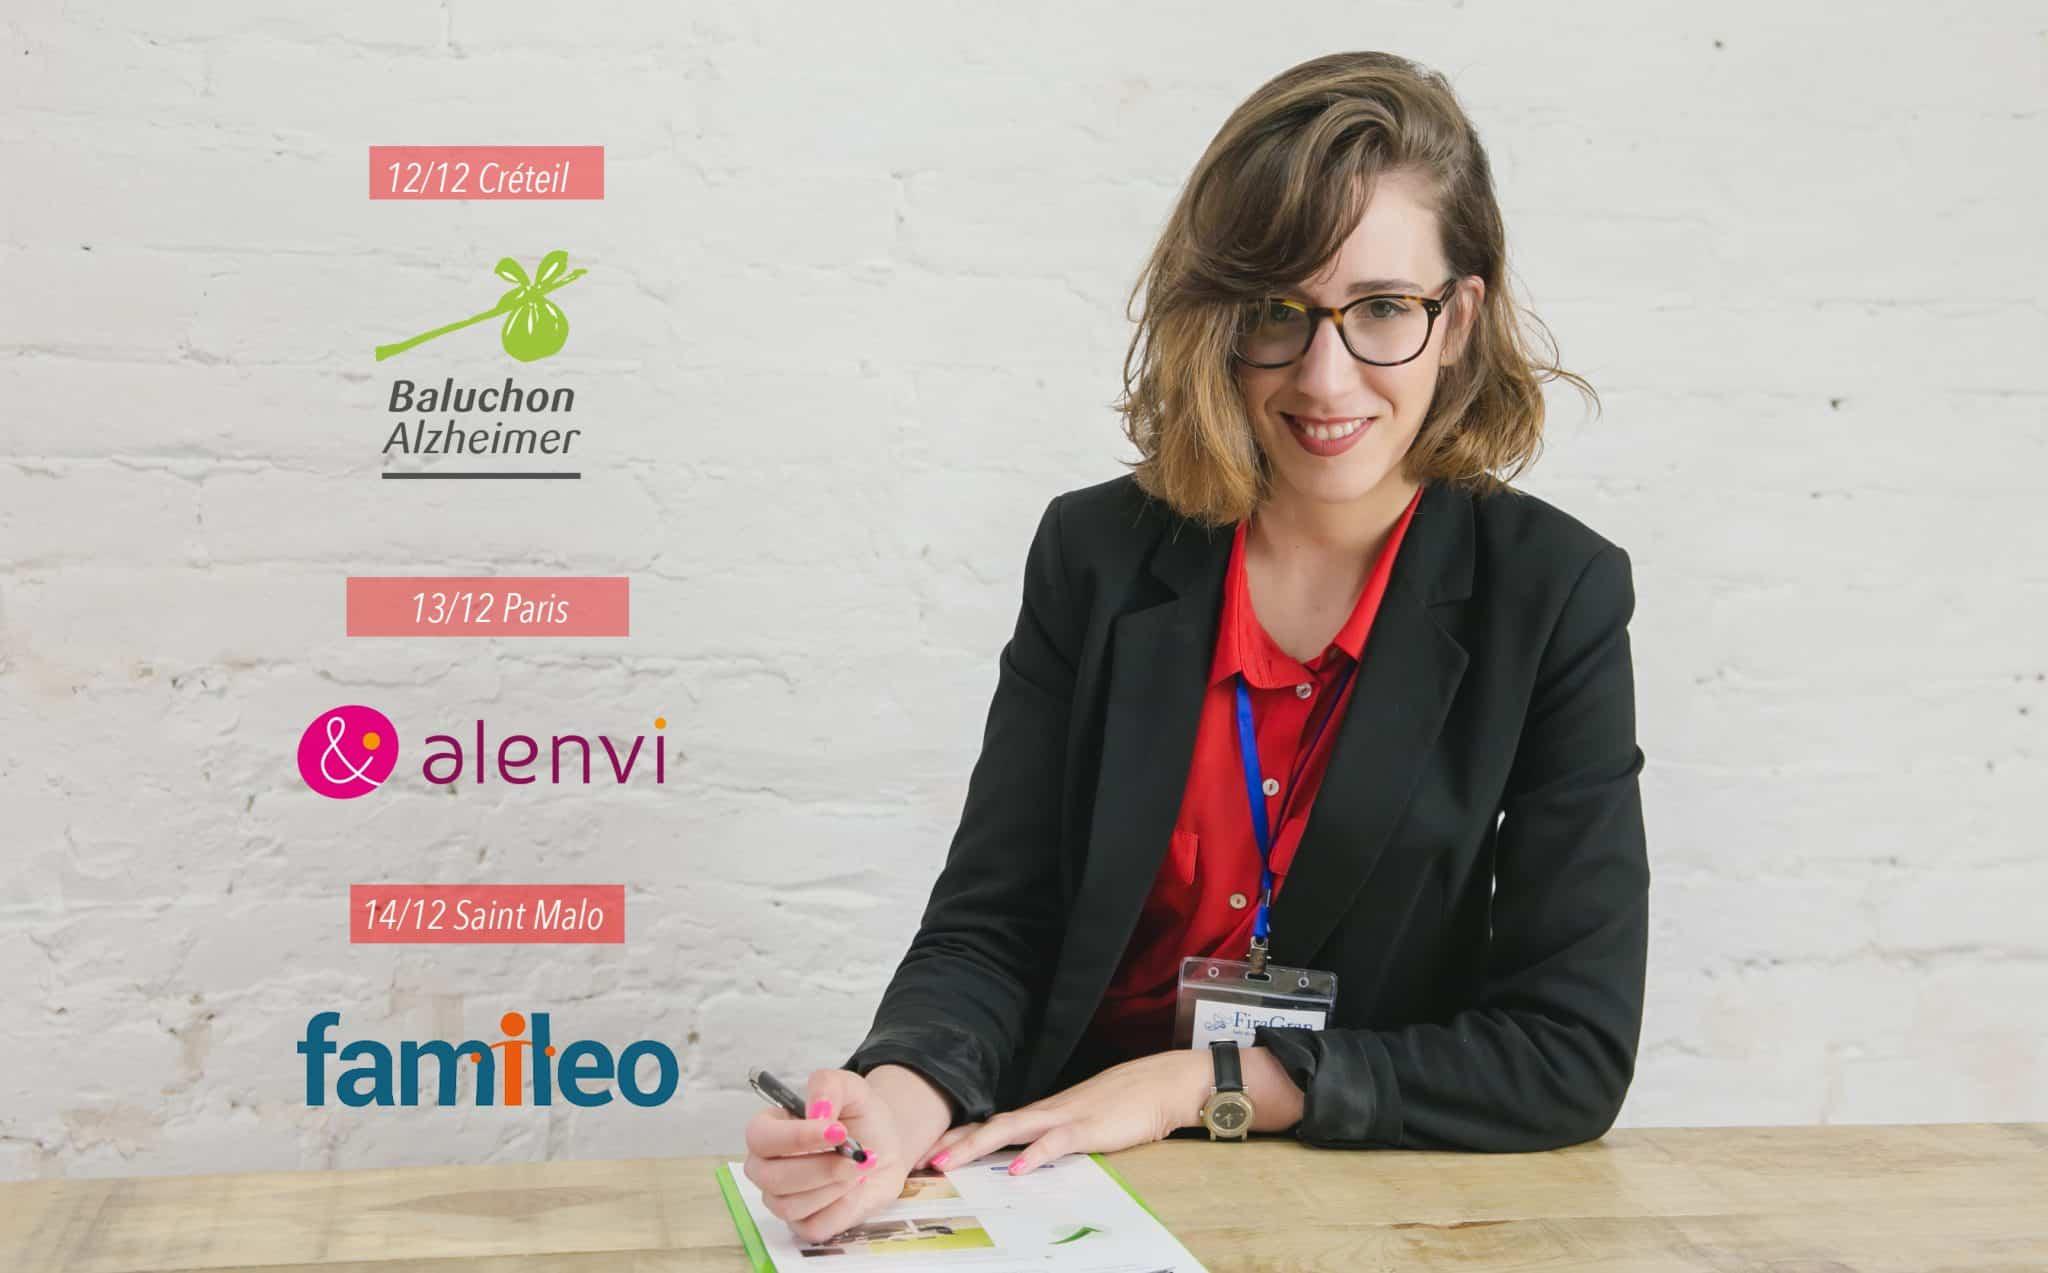 Novedades en Home Care 2019 | Famileo, Alenvi y Baluchon Alzheimer.